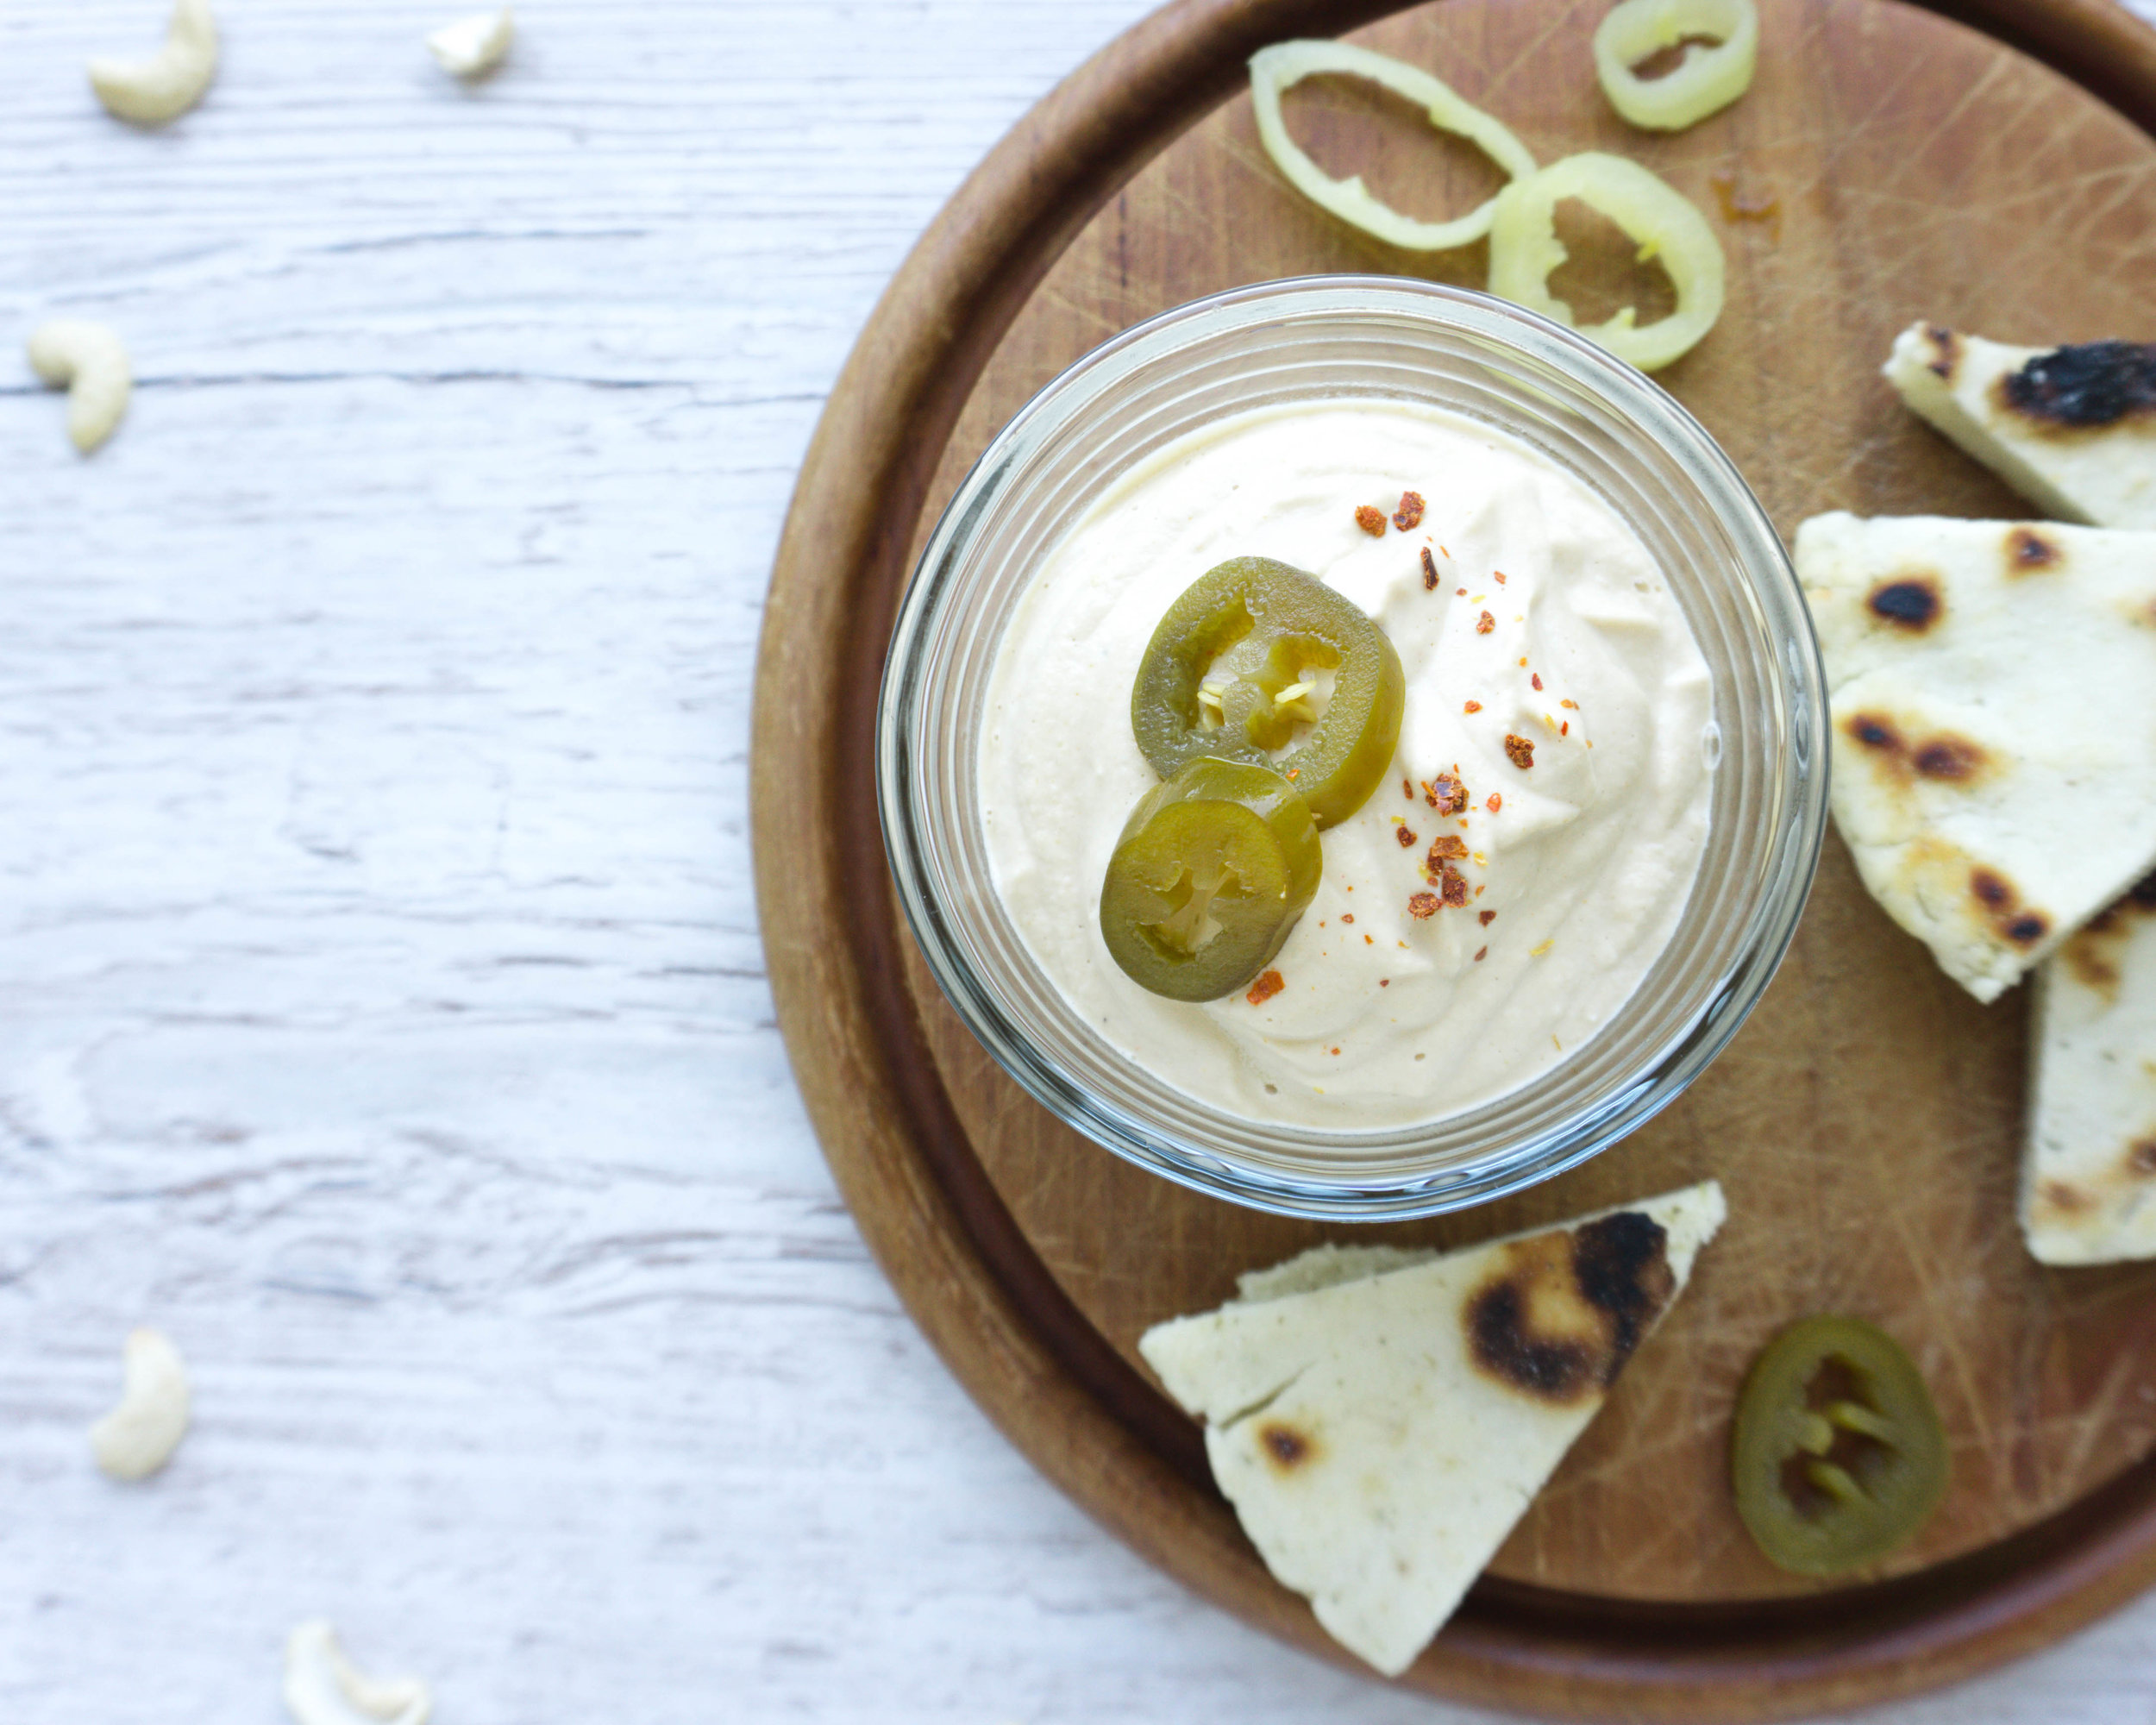 cremiger Cashew Queso Dip (Vegan, Paleo, Zuckerfrei, ohne Öl).jpg